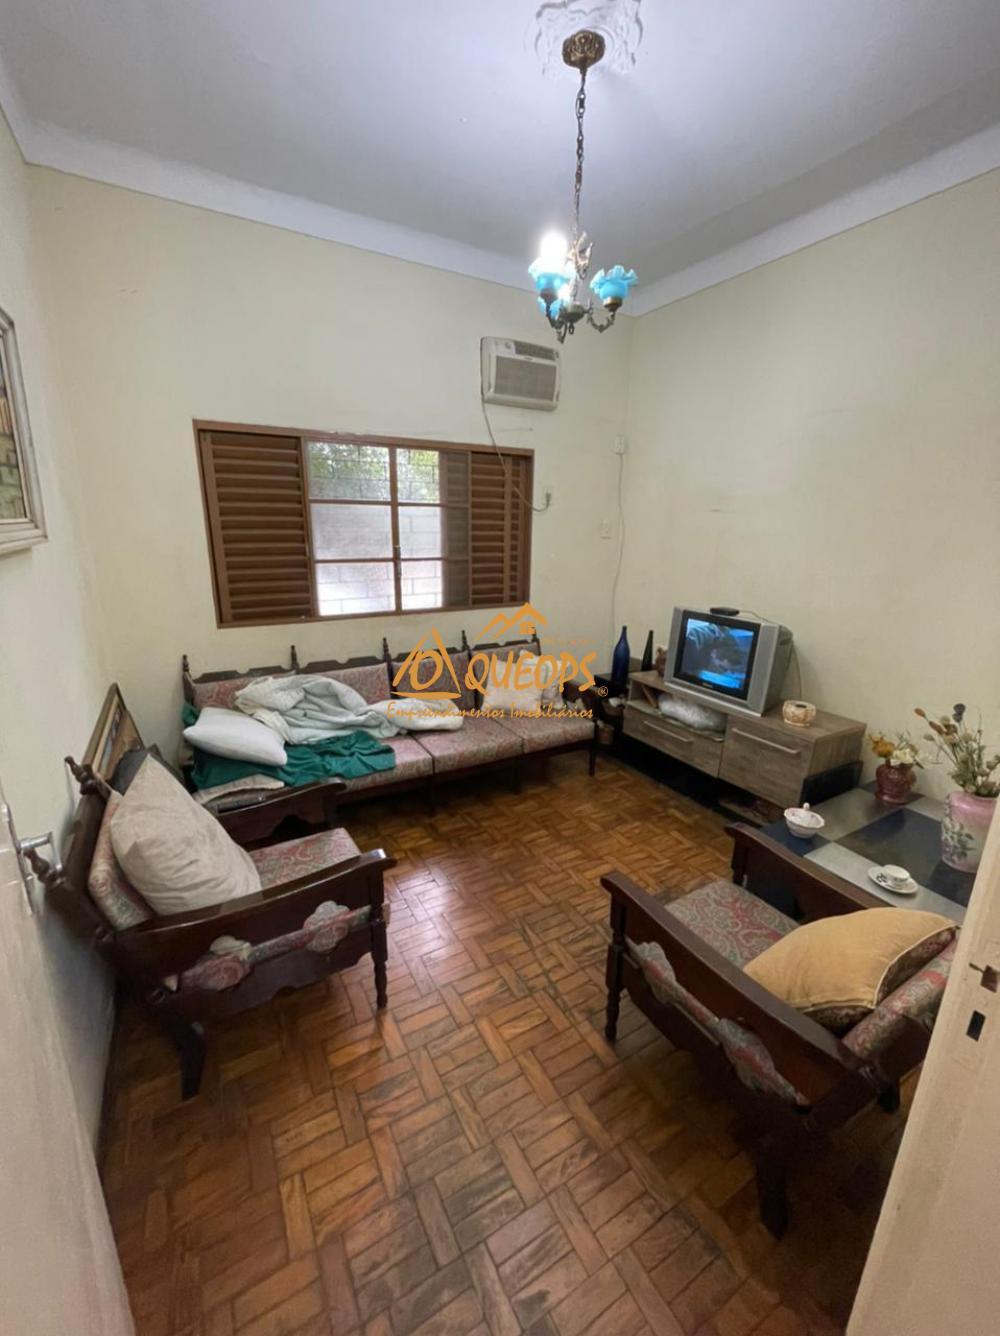 Comprar Casa / Padrão em Barretos R$ 350.000,00 - Foto 7